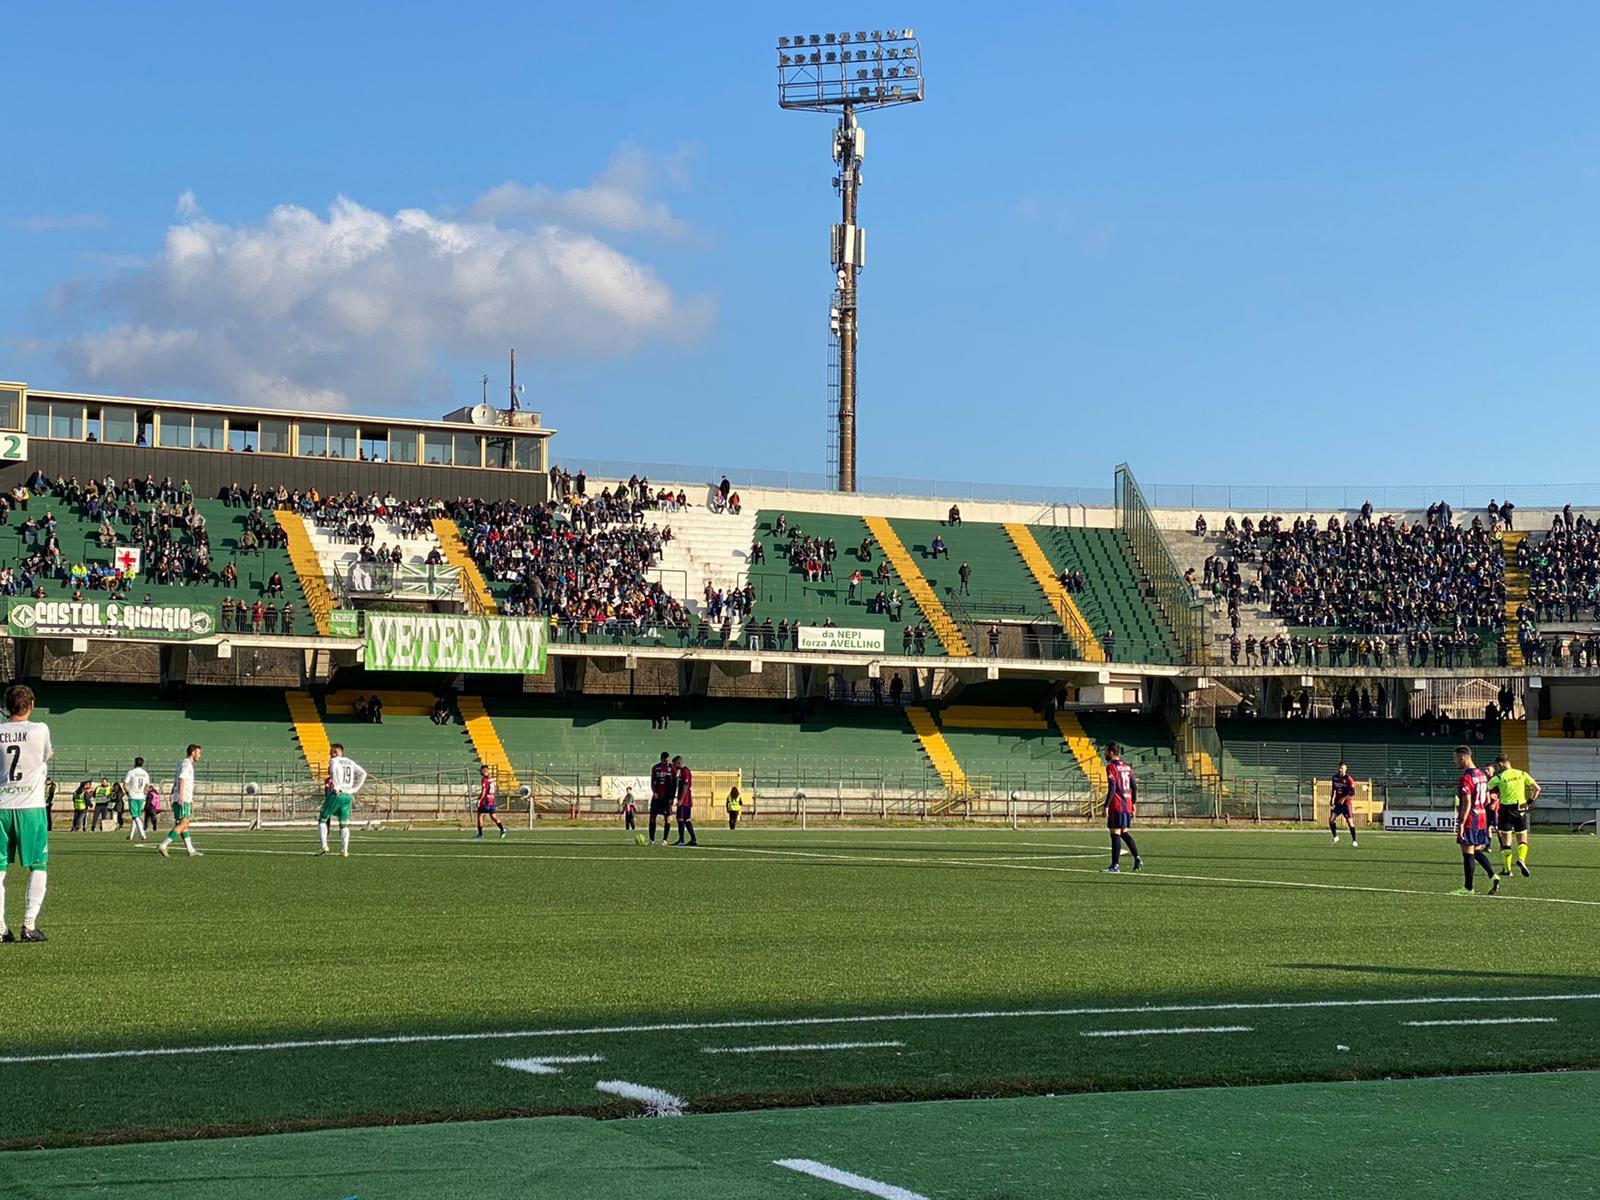 AVELLINO - VIBONESE 1-1 | Un punto a testa al Partenio immagine 14107 US Vibonese Calcio